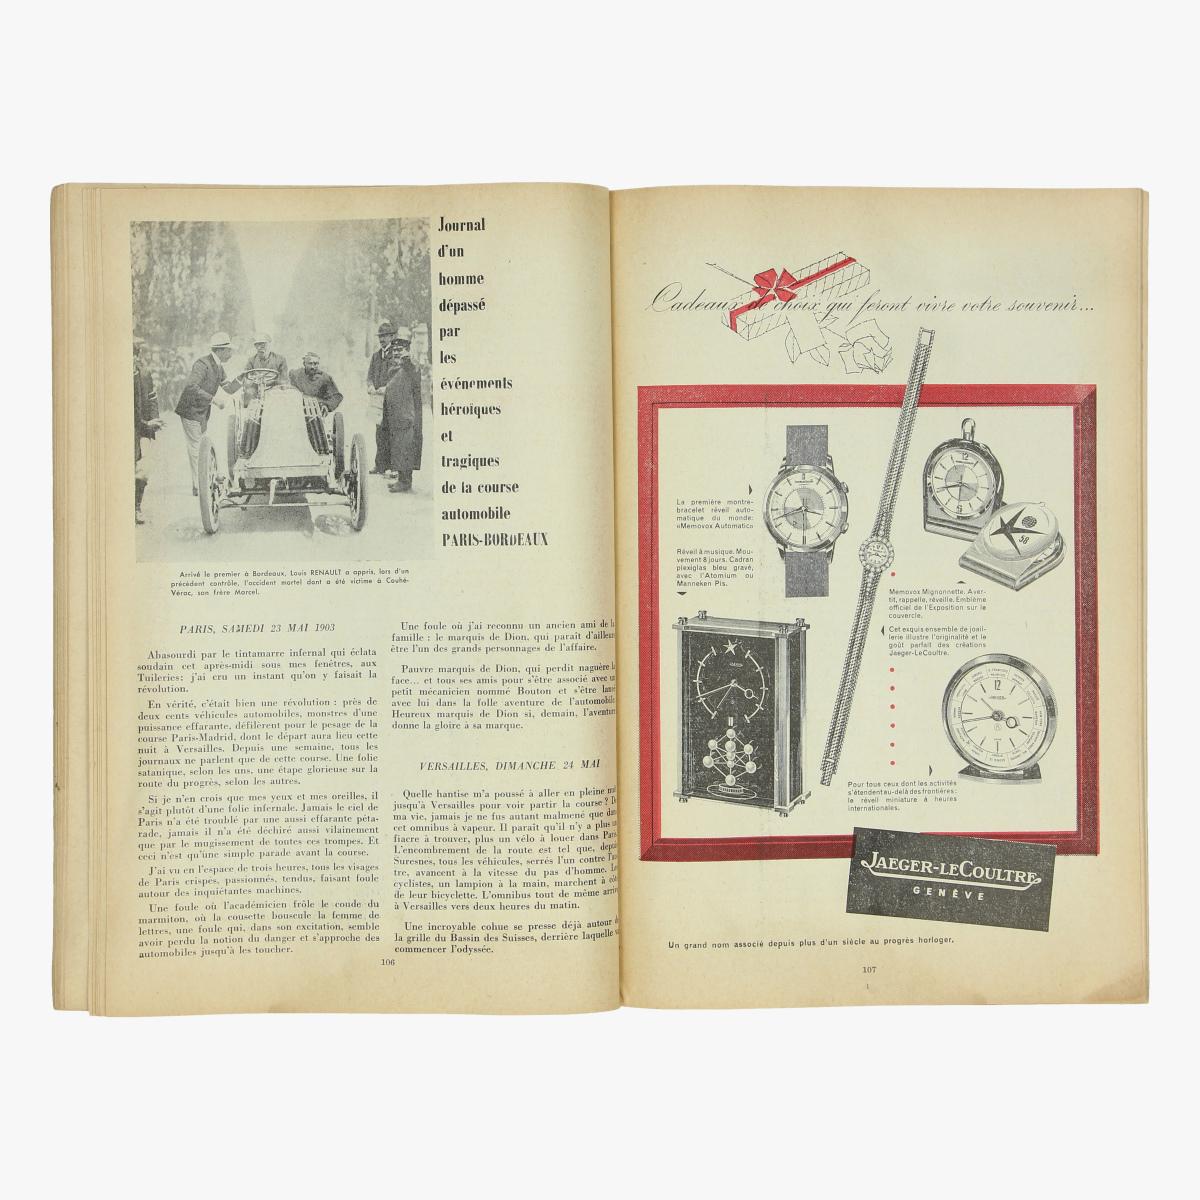 Afbeeldingen van expo 58 1900 au coeur de 58 pourquoipas?